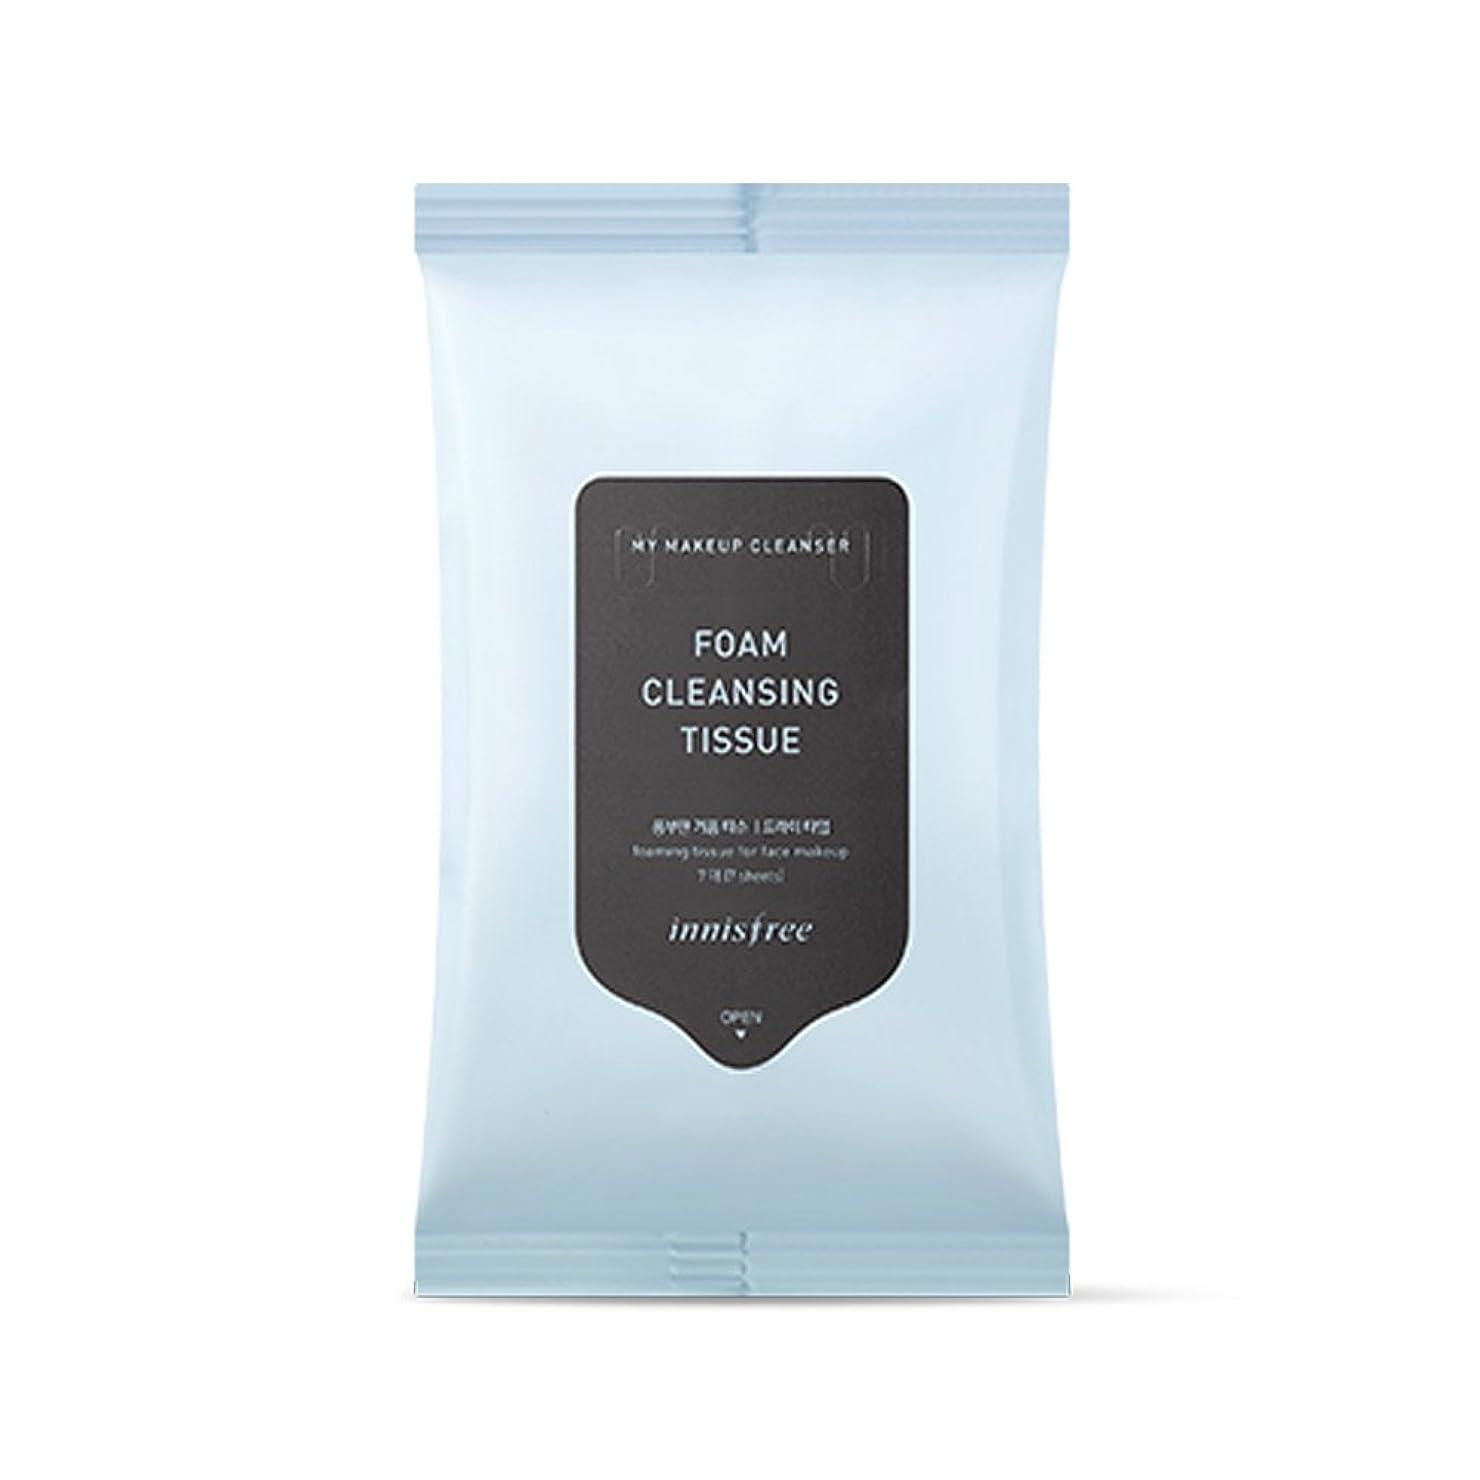 旋律的バウンスイブイニスフリーマイメイクアップクレンザー - フォームクレンジングティッシュx 1個 Innisfree My Makeup Cleanser - Foam Cleansing Tissue x 1pcs [海外直送品][並行輸入品]